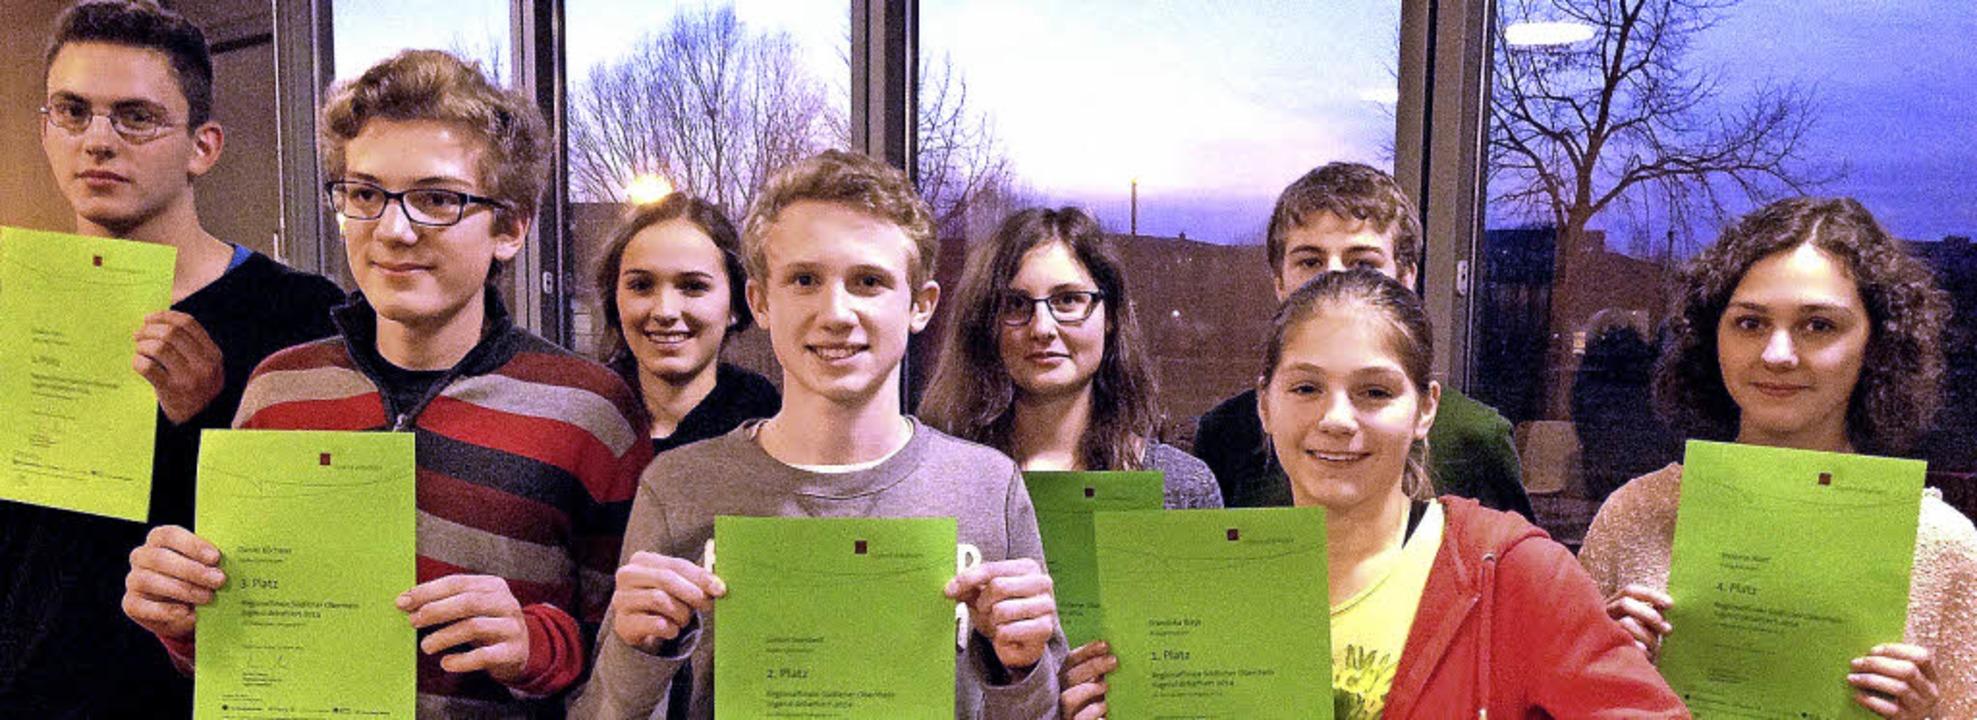 Die acht Sieger des Regionalwettbewerb...rt Simmler (verdeckt) und Melanie Wolf  | Foto: ulrich plessner